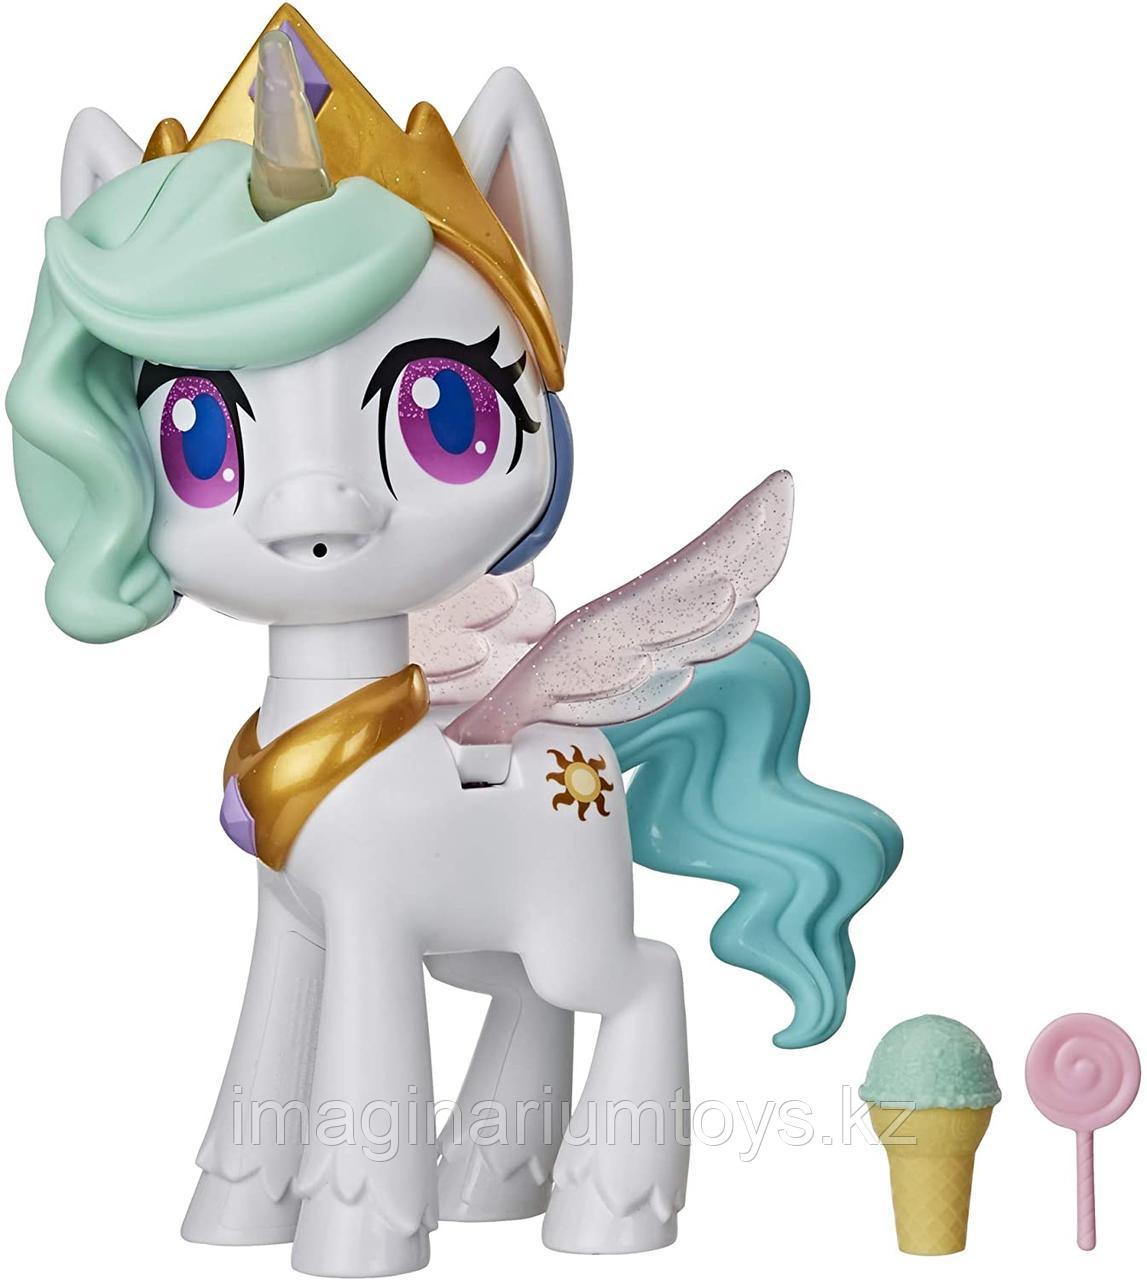 Интерактивный единорог Селестия My Little Pony - фото 2